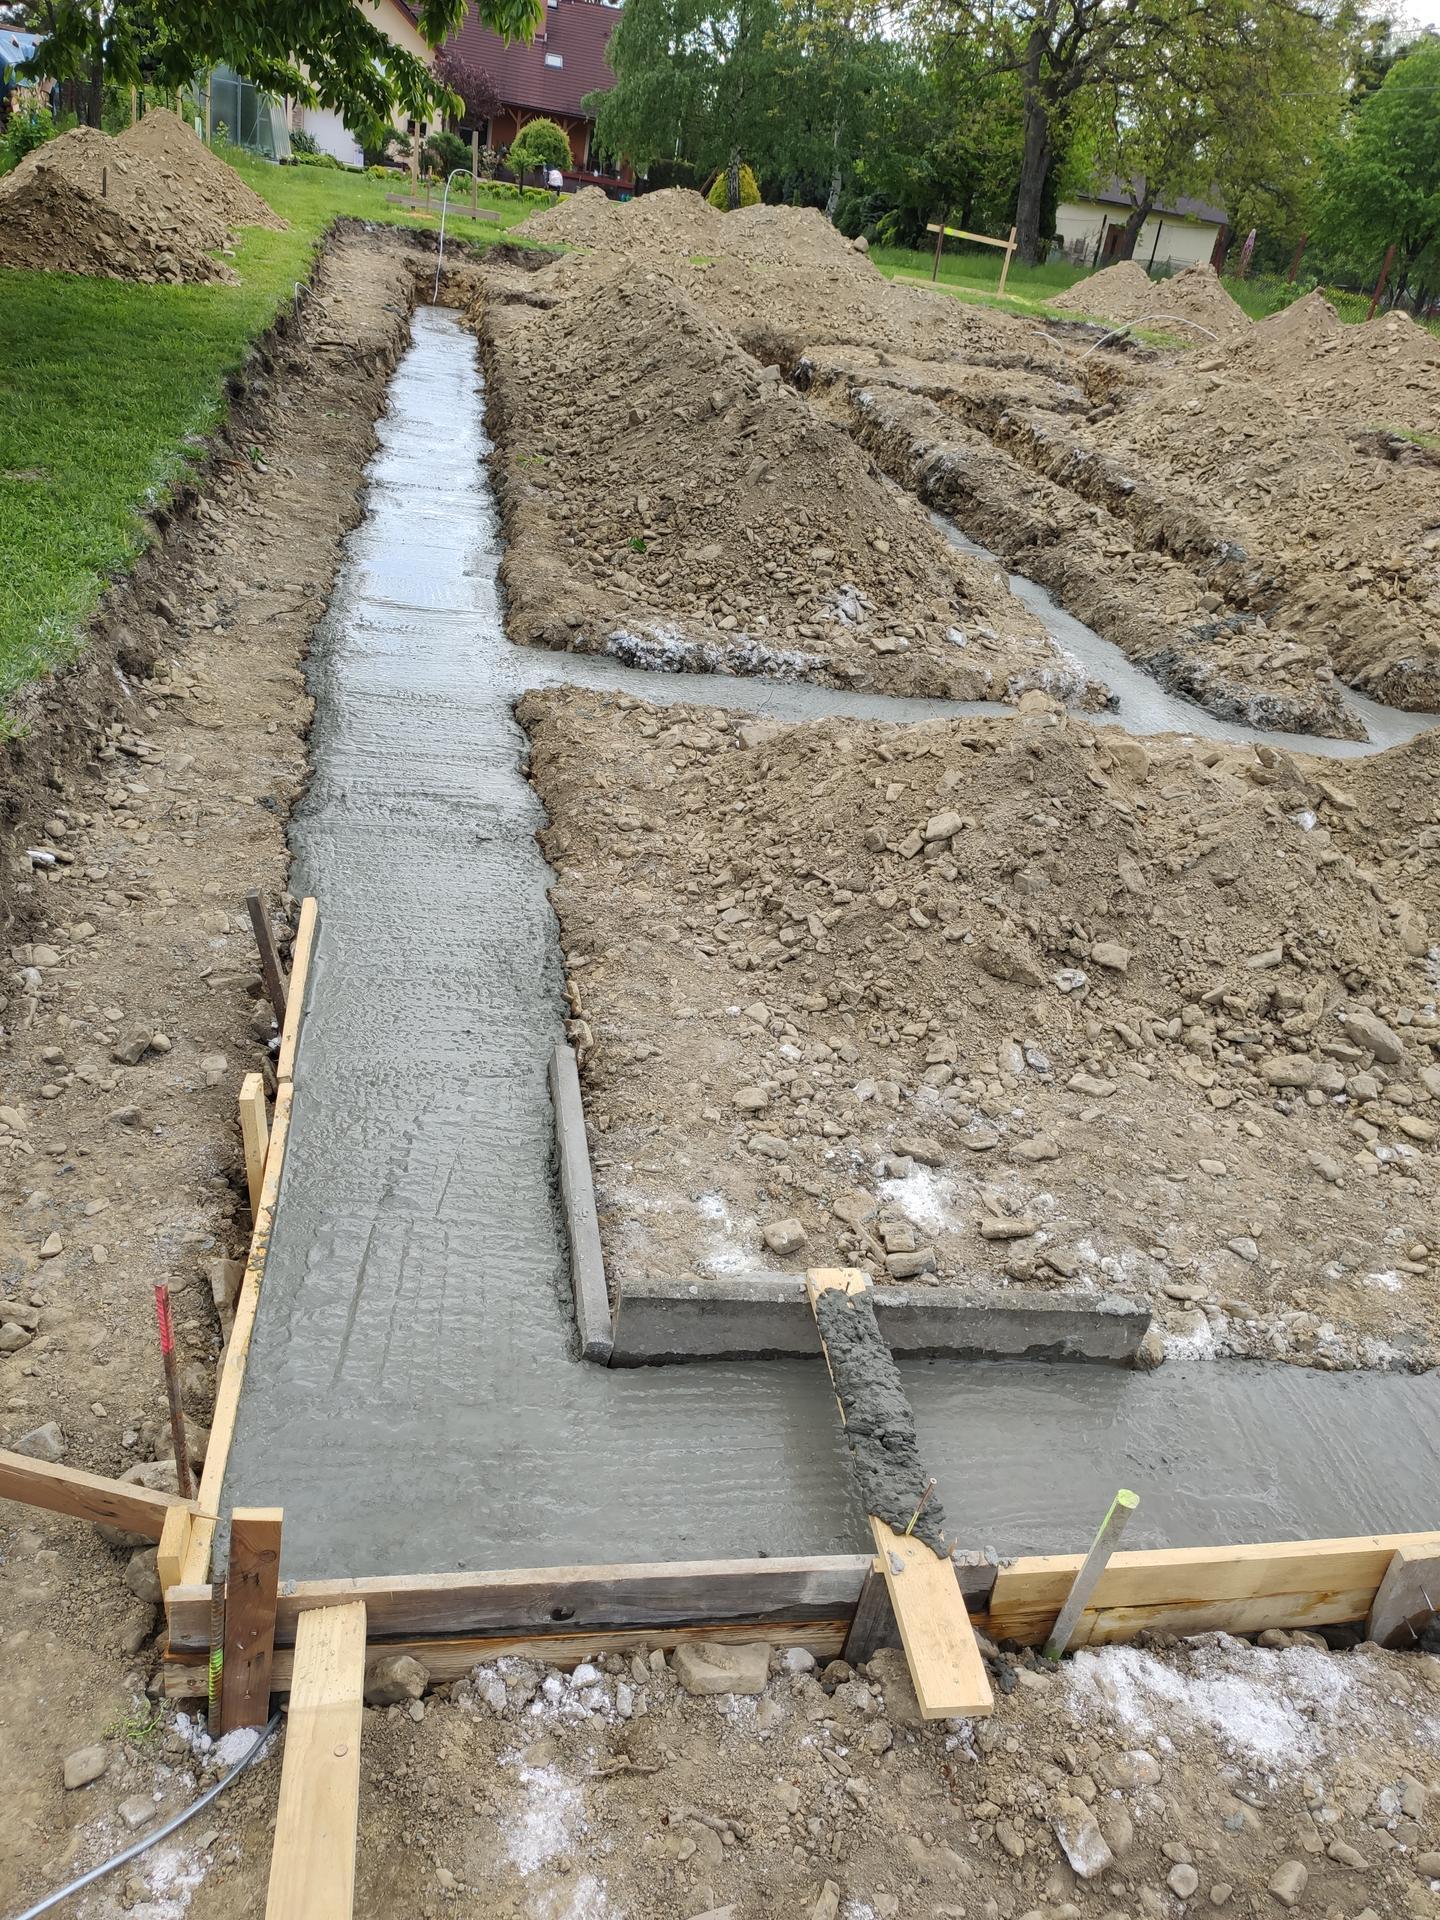 Začínáme si stavět náš dům 2020 - Obrázek č. 26